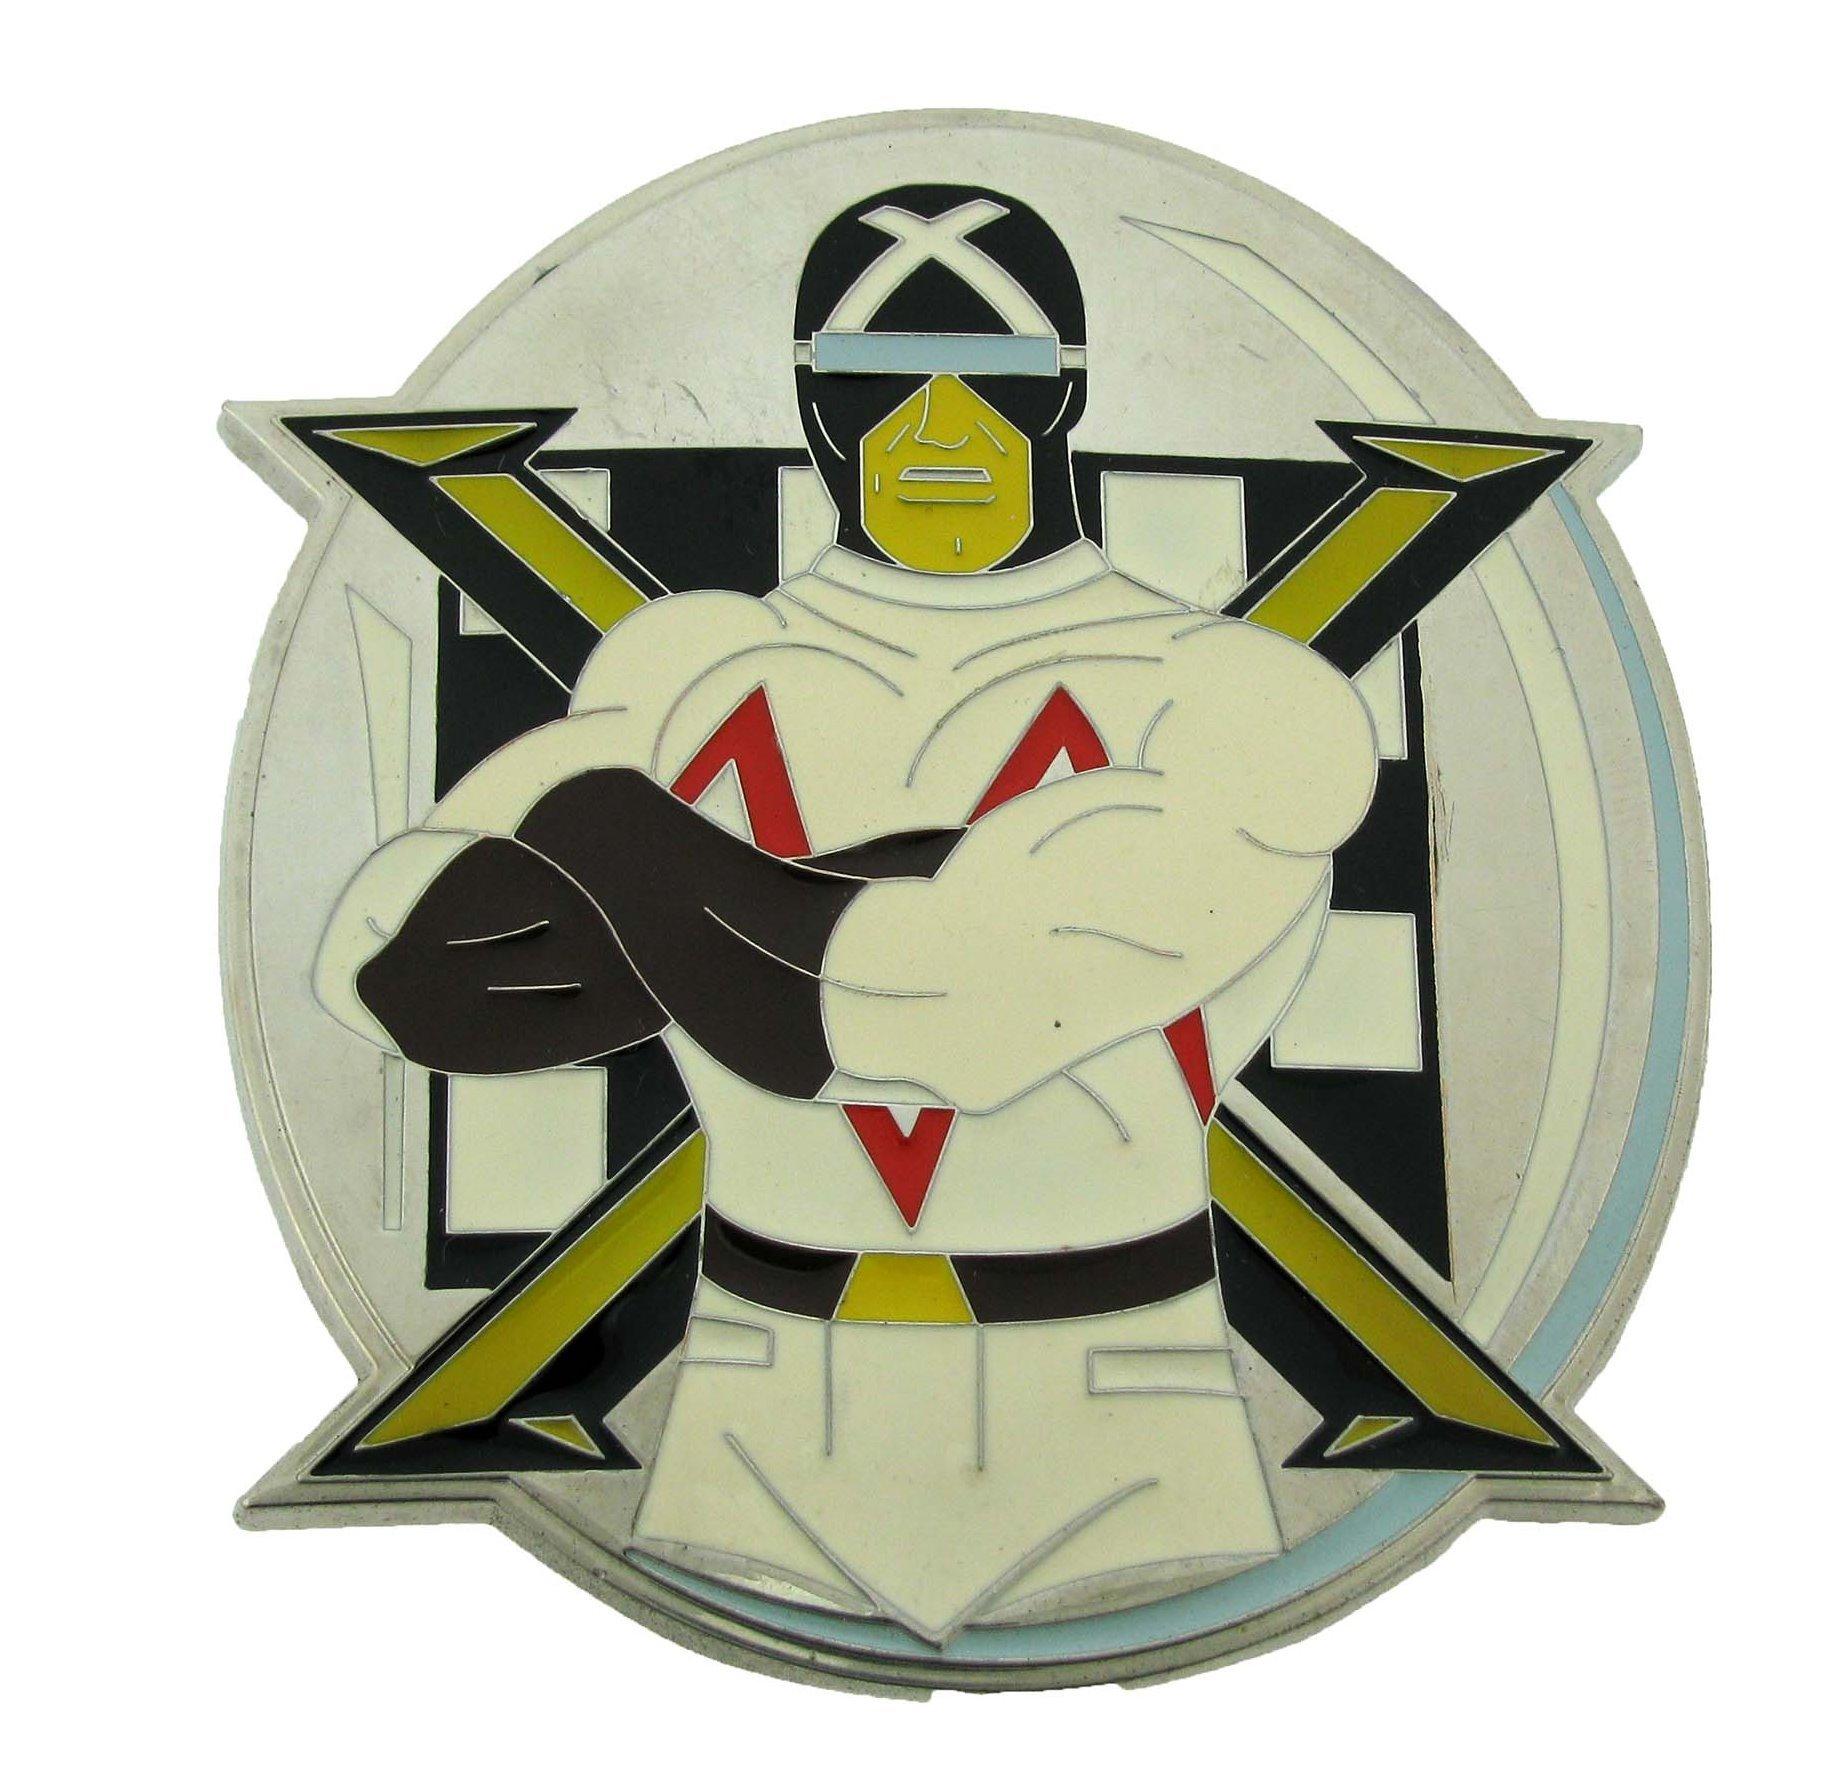 7d6e588aff53 Get Quotations · Mens Speed Racer- Racer X Punk Rock Metal Belt Buckle